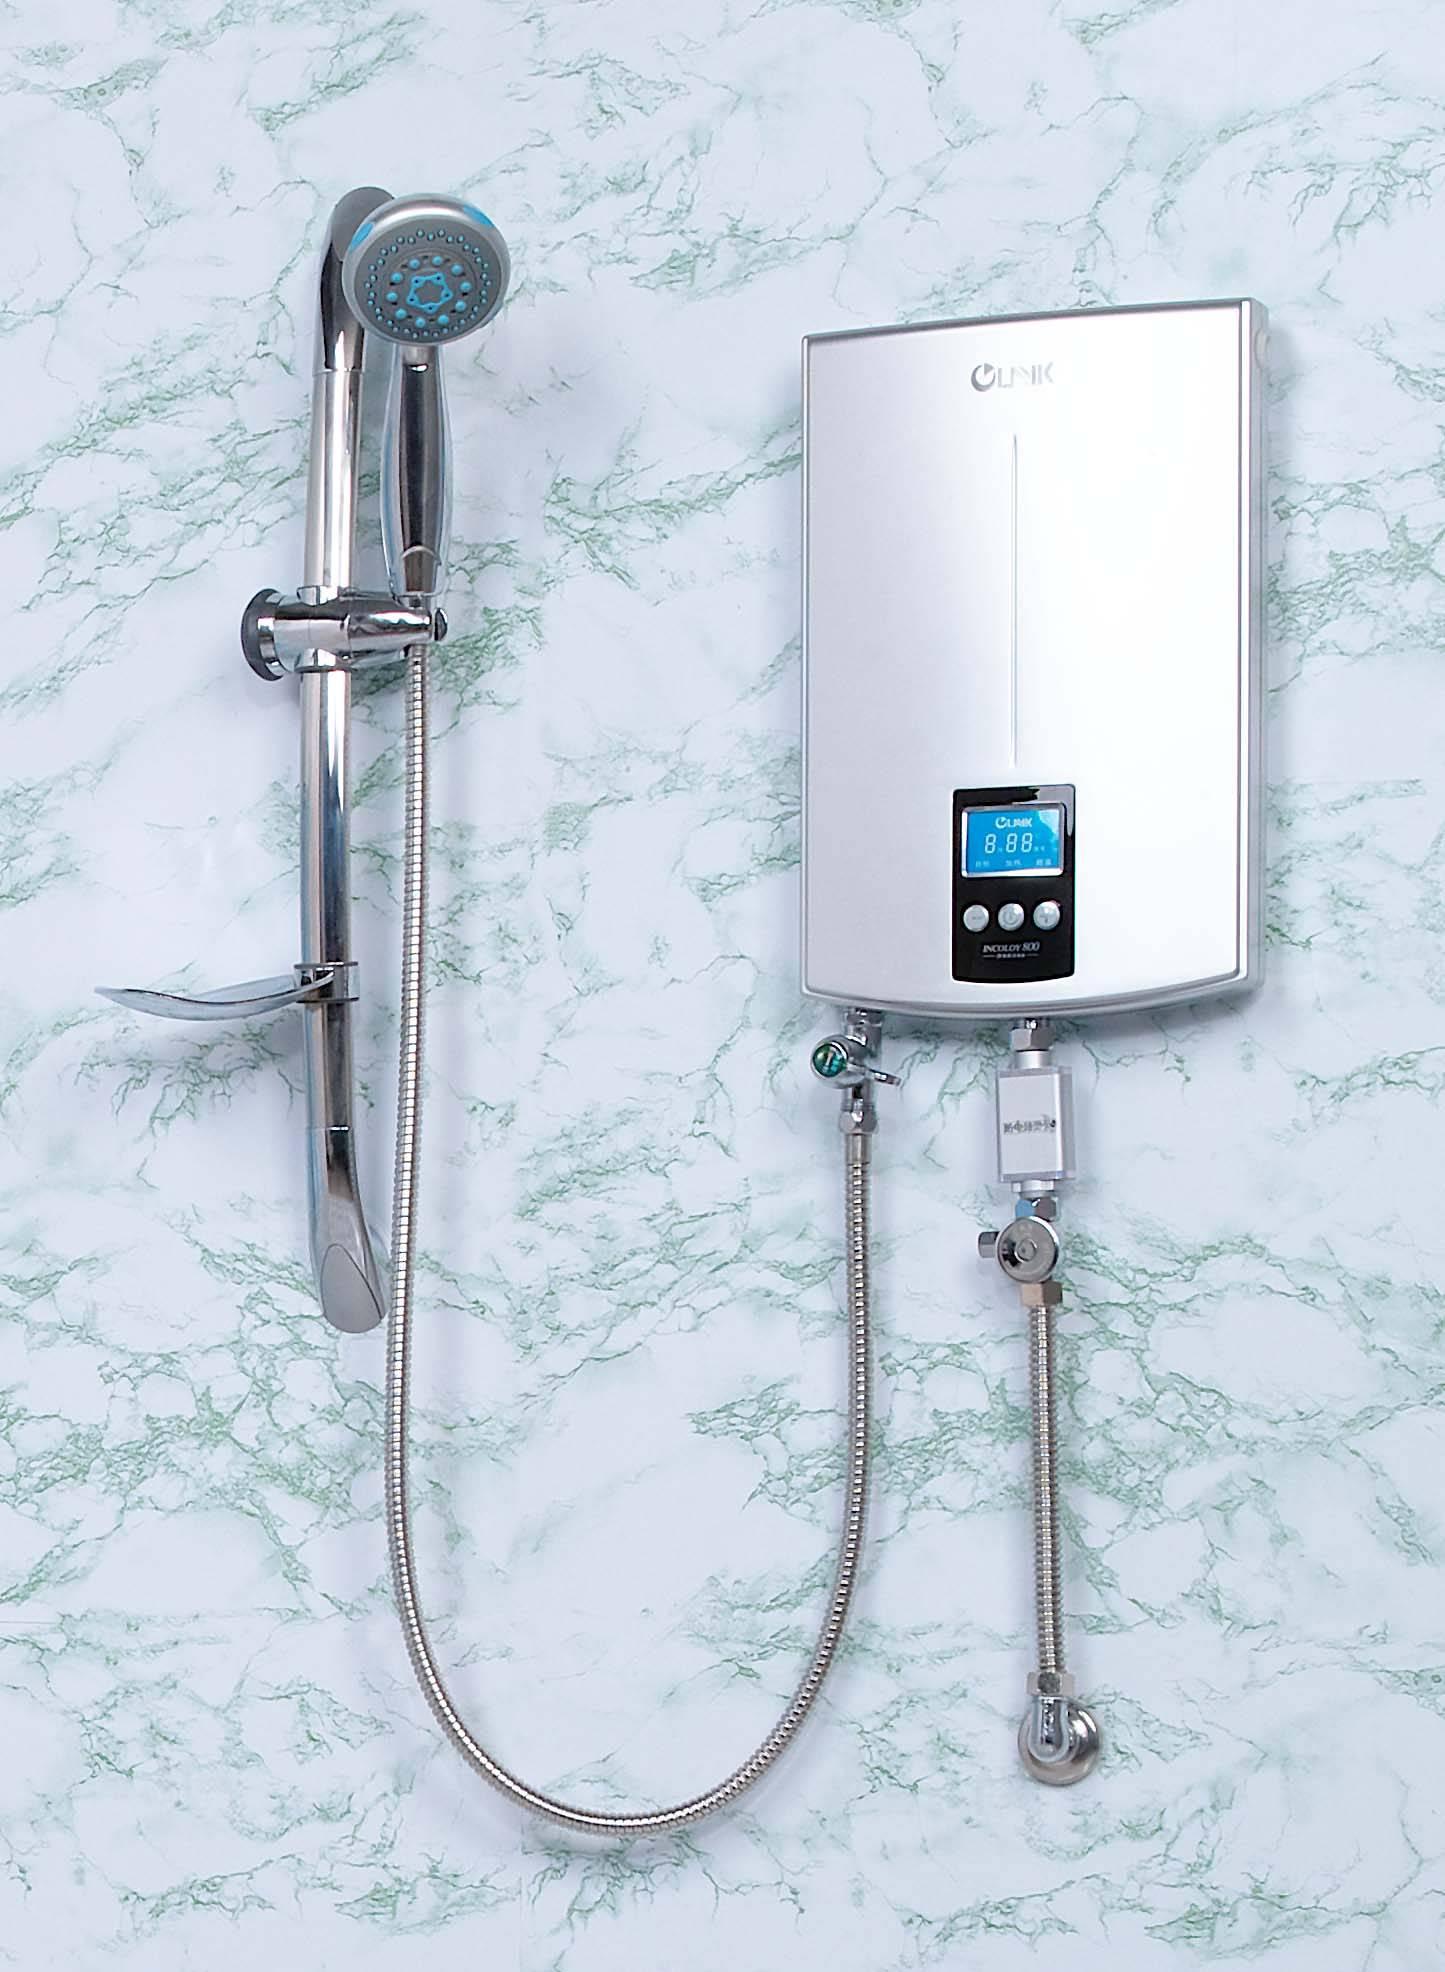 即热式电热水器dsf-k03图片